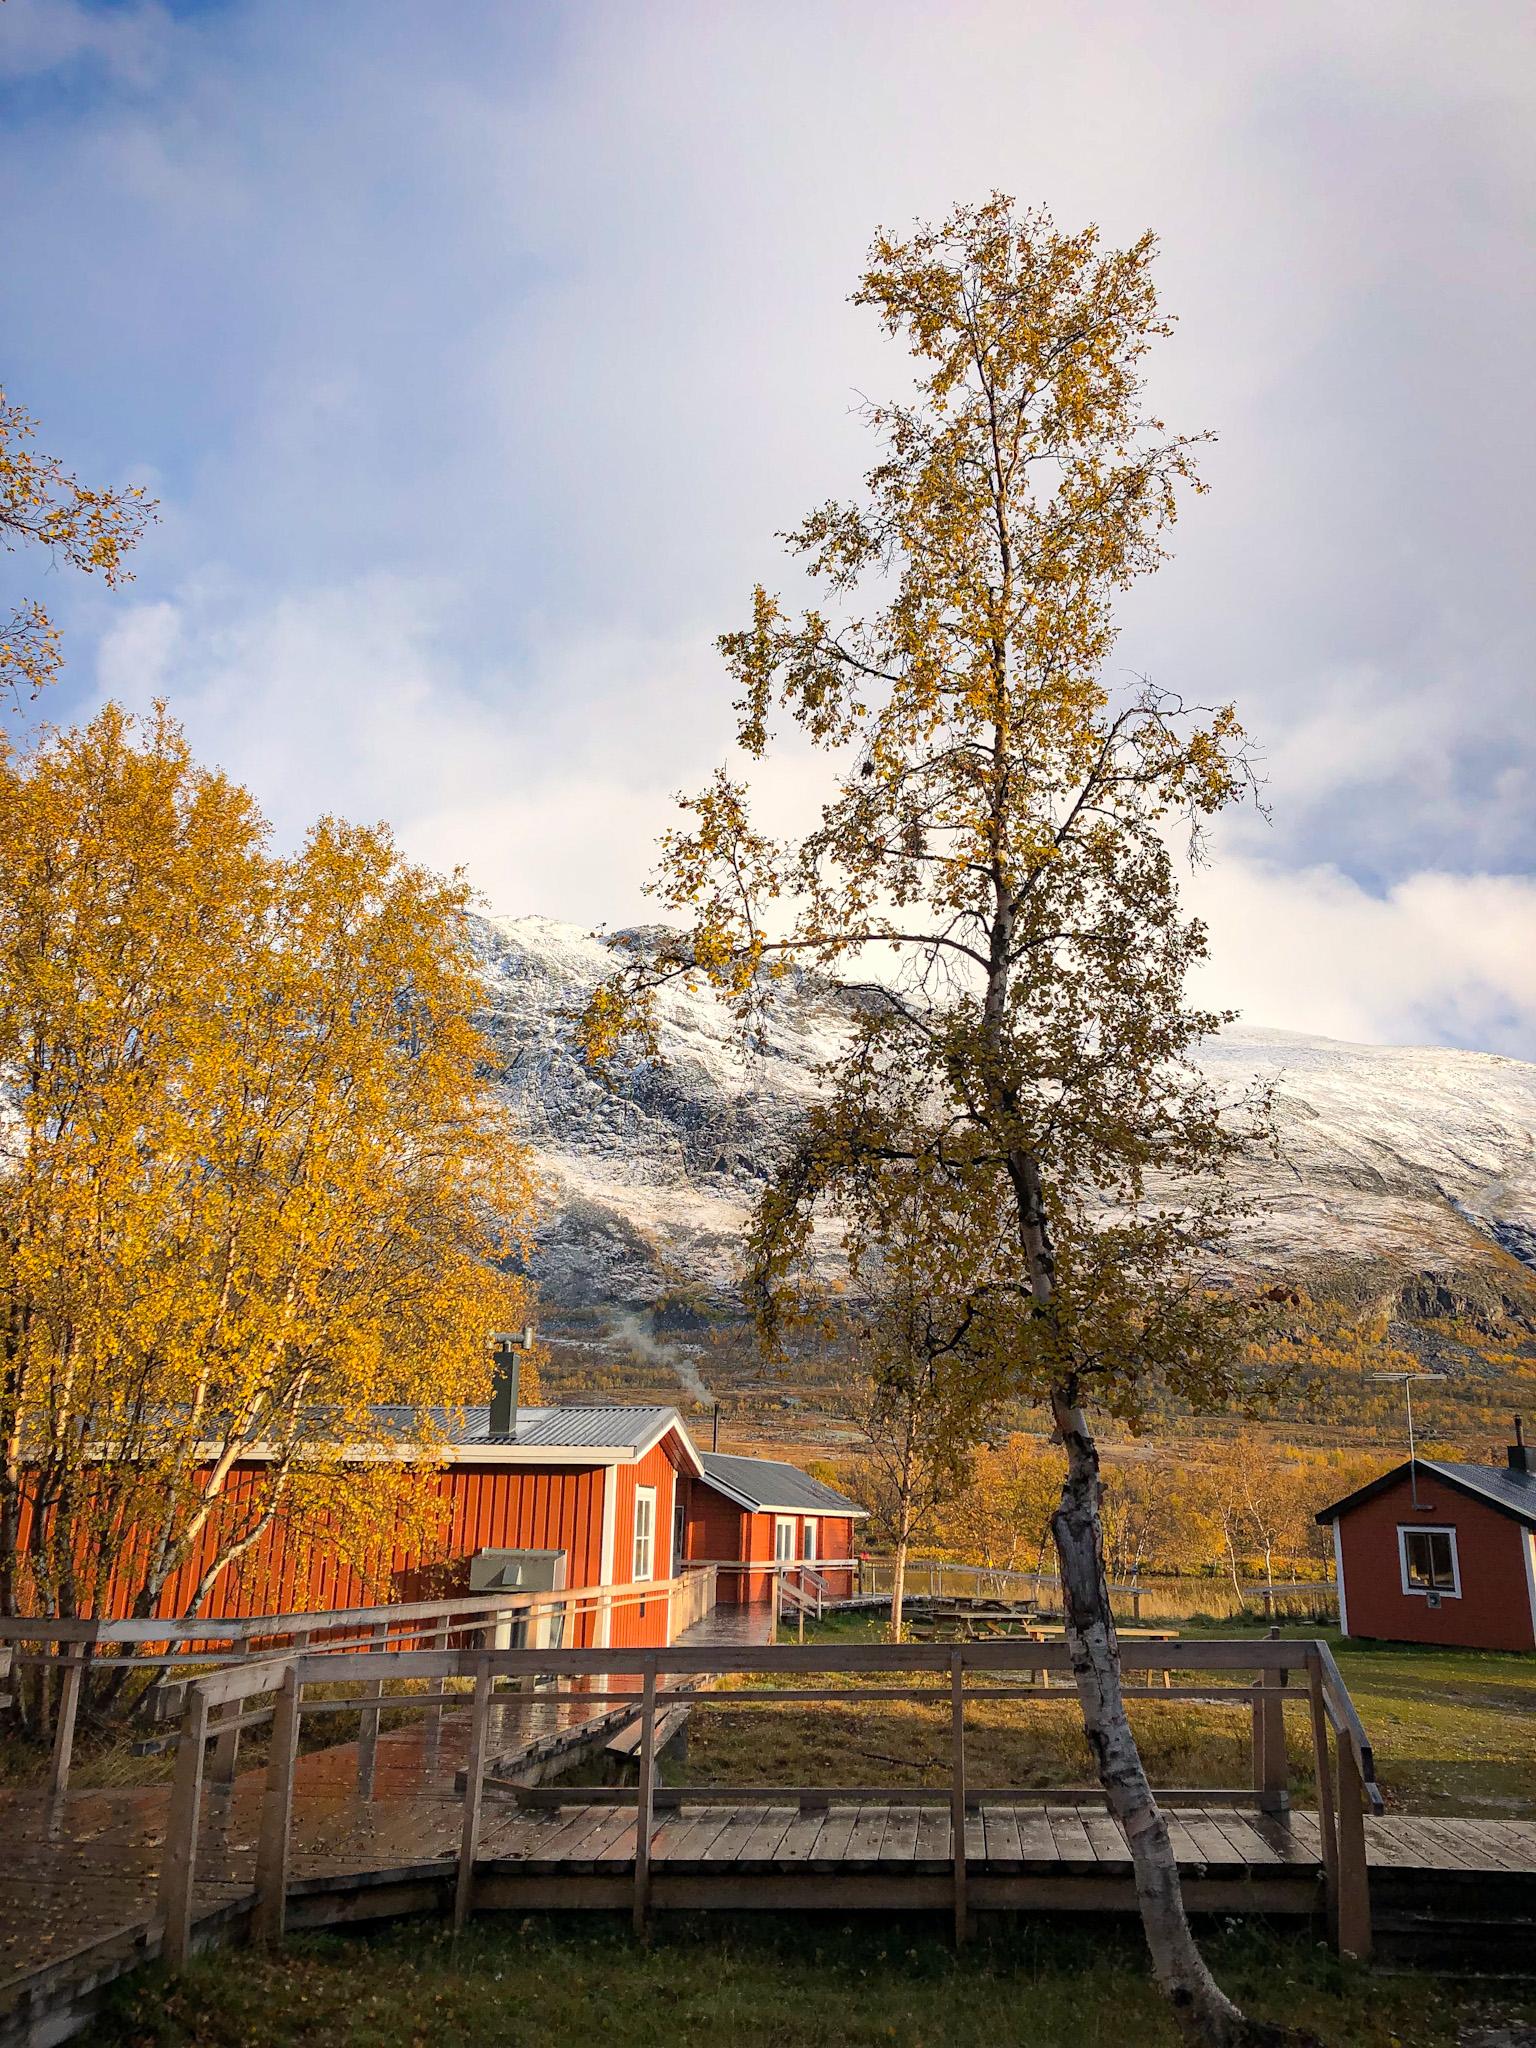 Les maisons du refuge d'Abiskojaure sur l'itinéraire du Kungsleden au nord de la Suède en Laponie